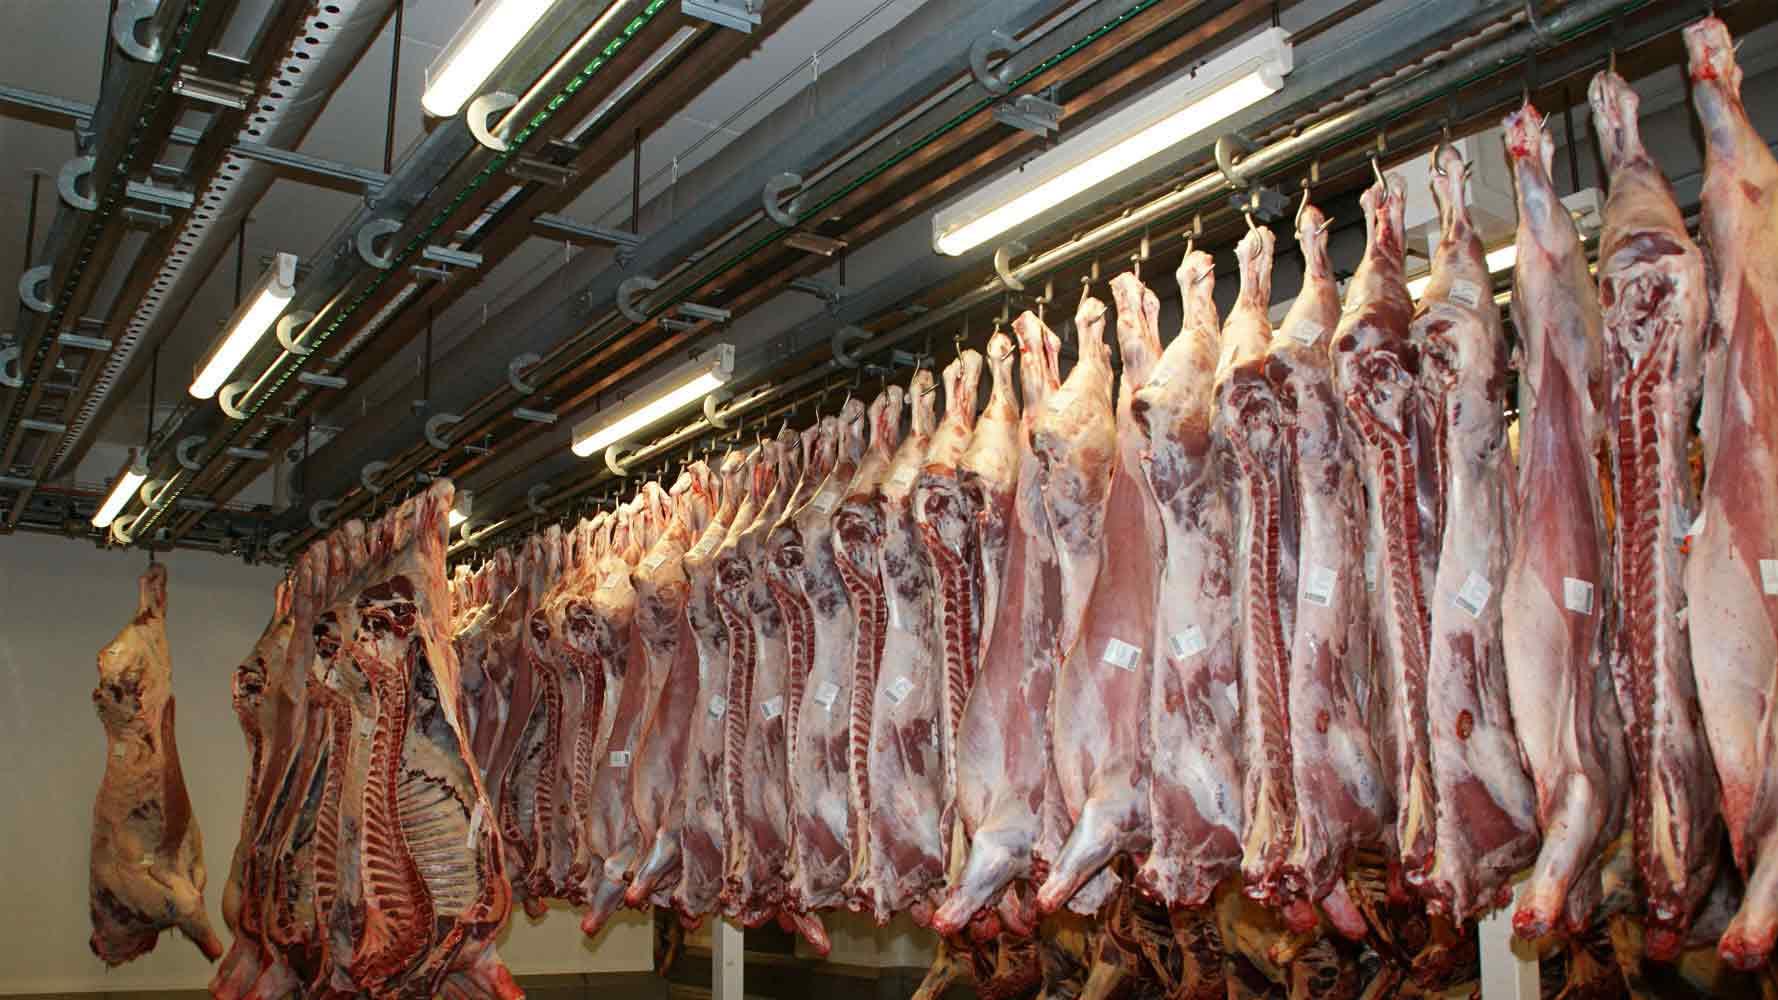 Sığır kesim fiyatları,Sığır kesim piyasası, Sığır kesim resmi